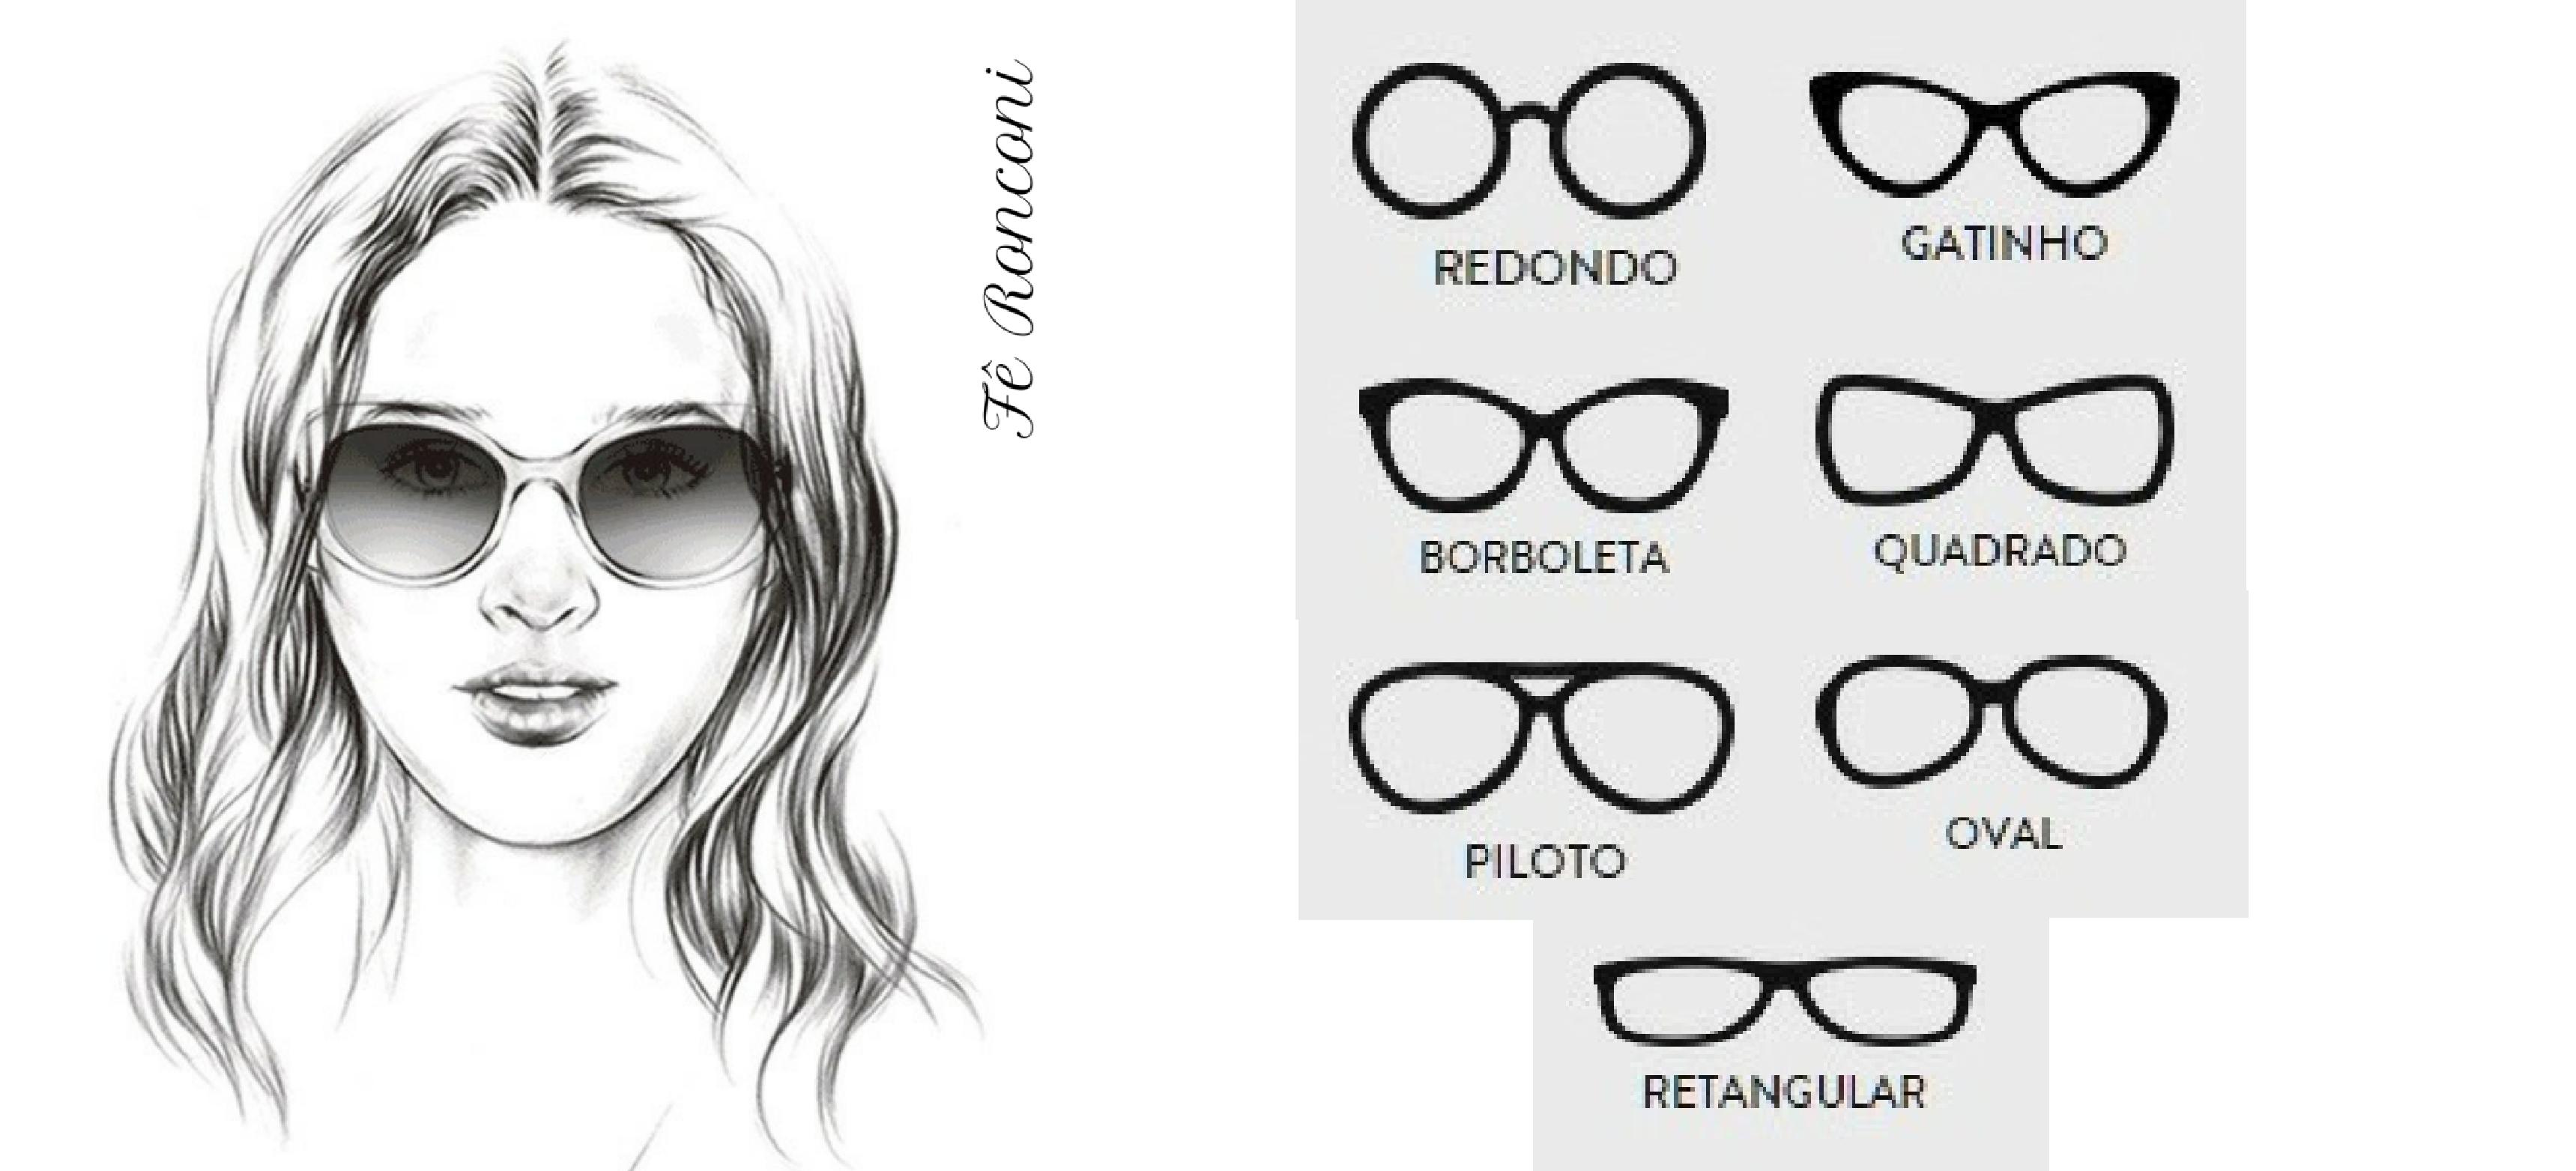 518844e423f24 Óculos perfeitos para cada formato de rosto - Fê Ronconi